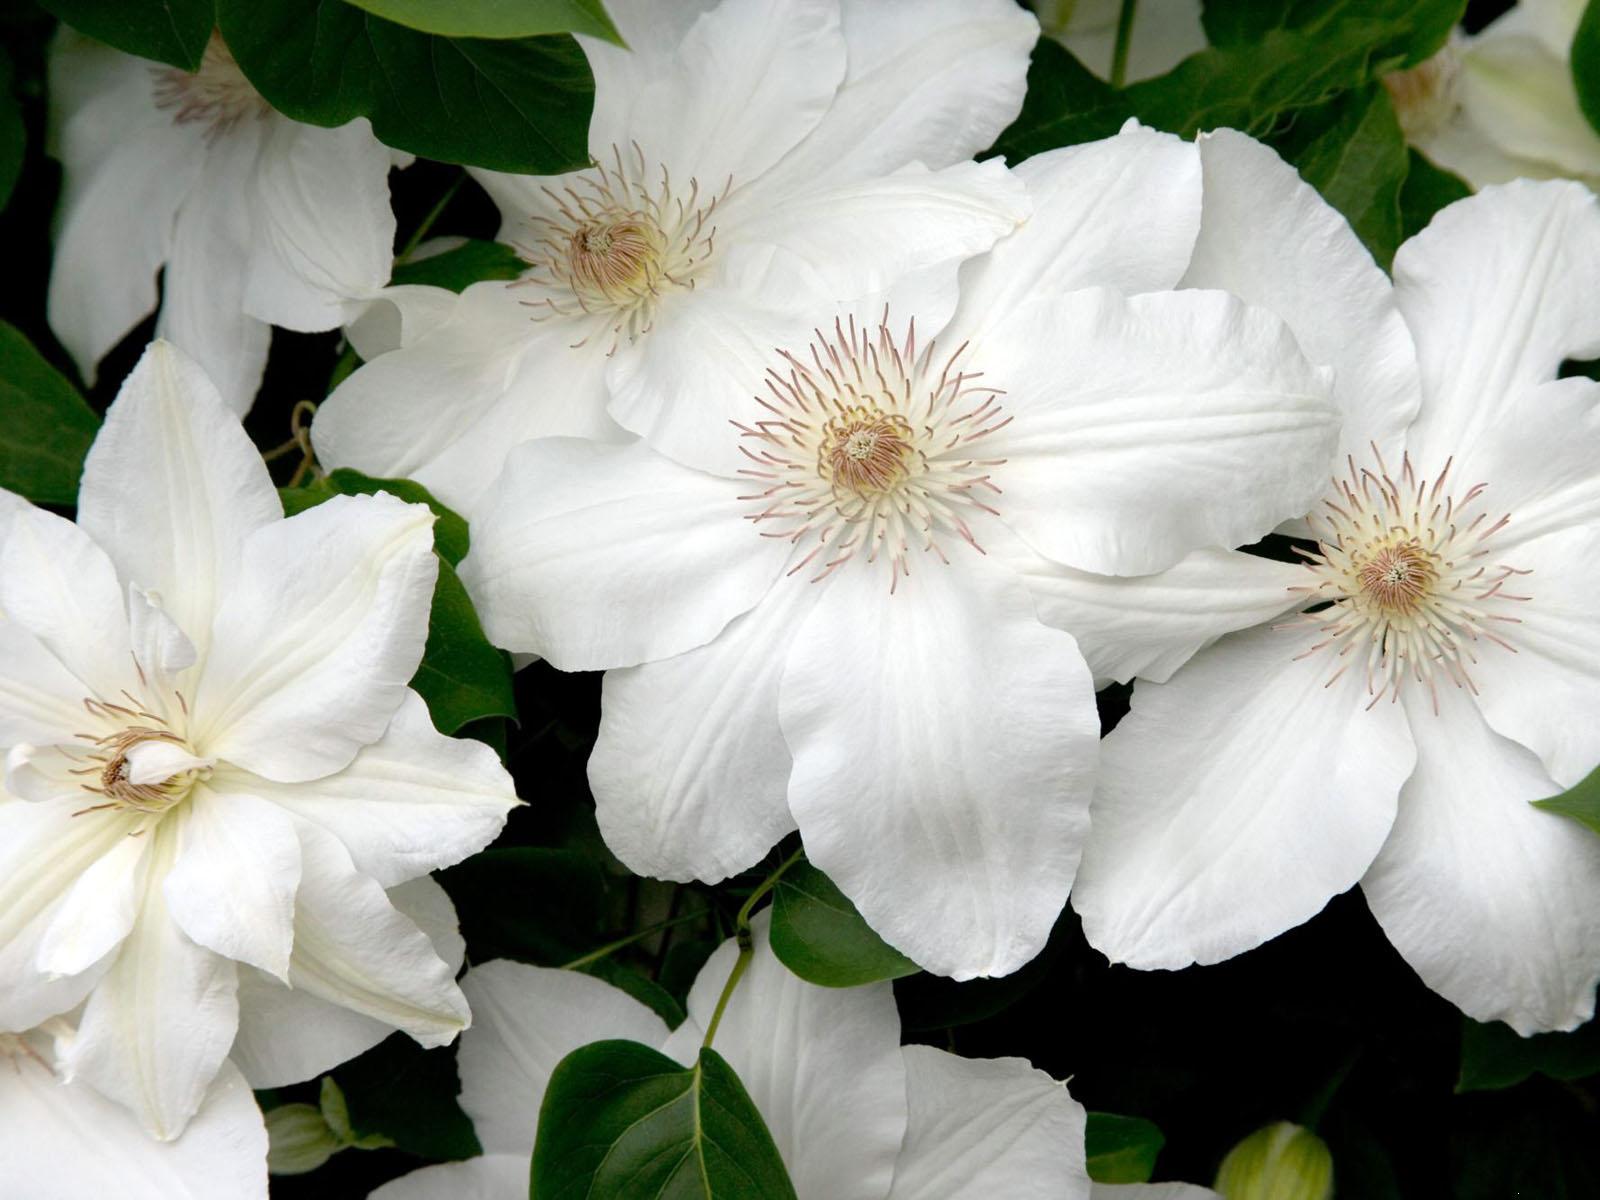 http://pictar.ru/data/media/56/flowers487.jpg